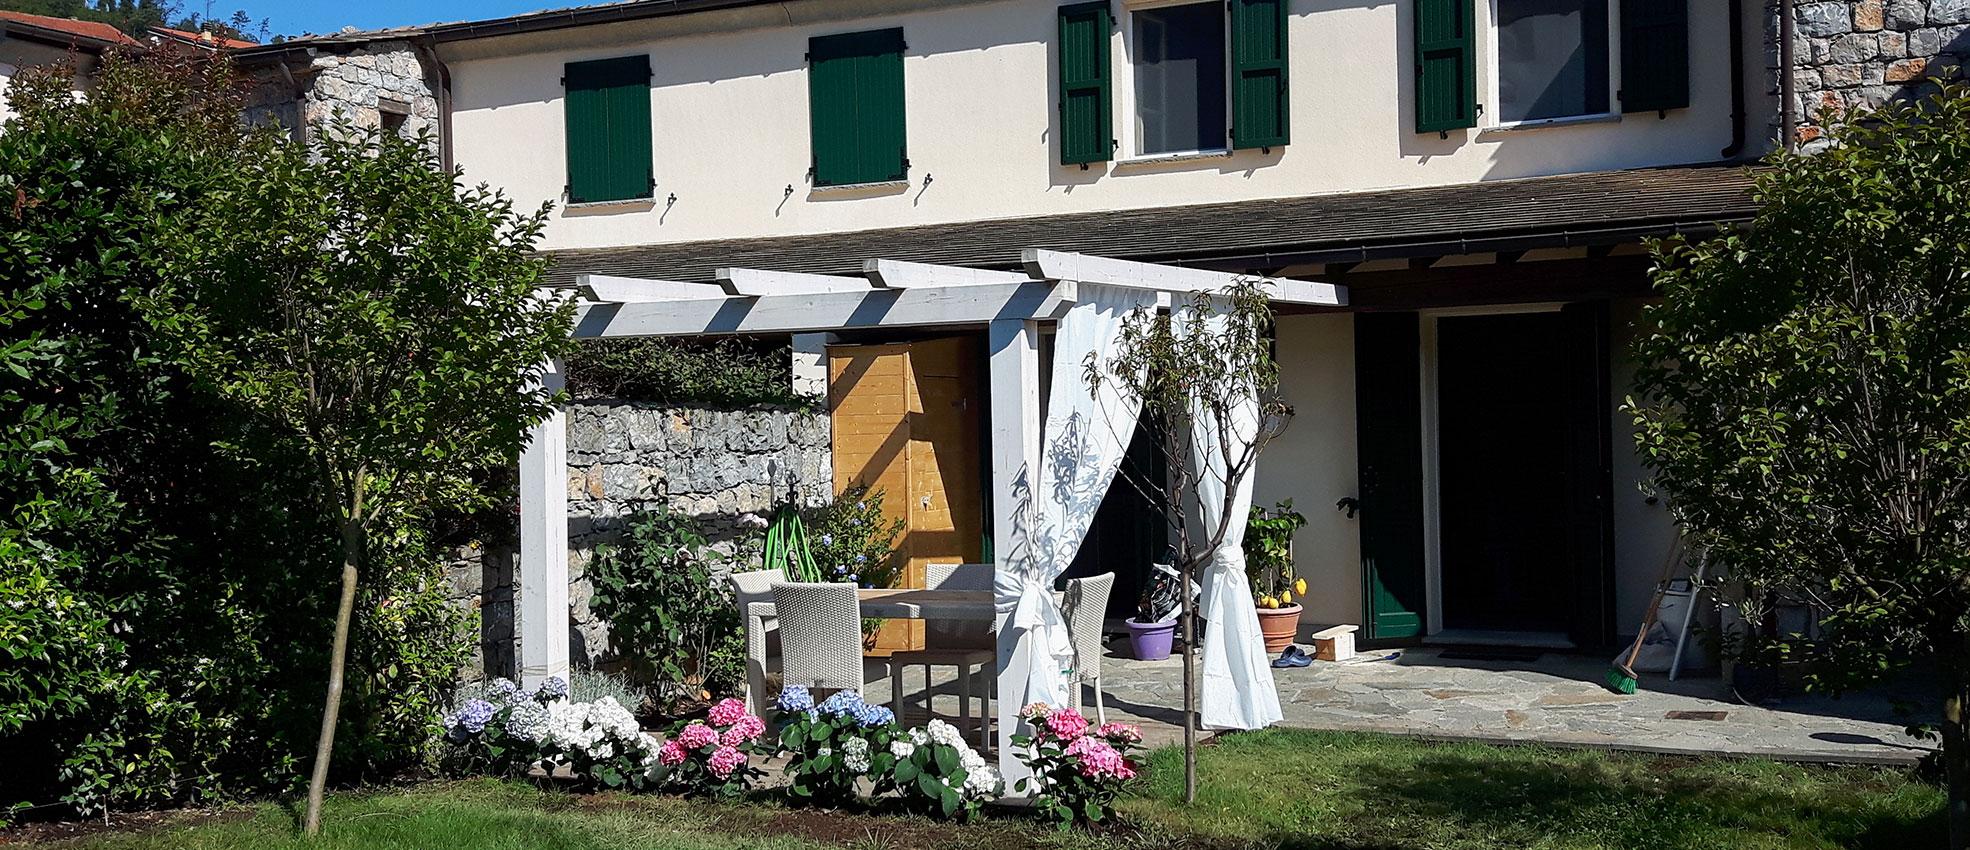 Immediato Entroterra Cinque Terre, 15 minuti da Monterosso, Deliziosa Abitazione con Giardino